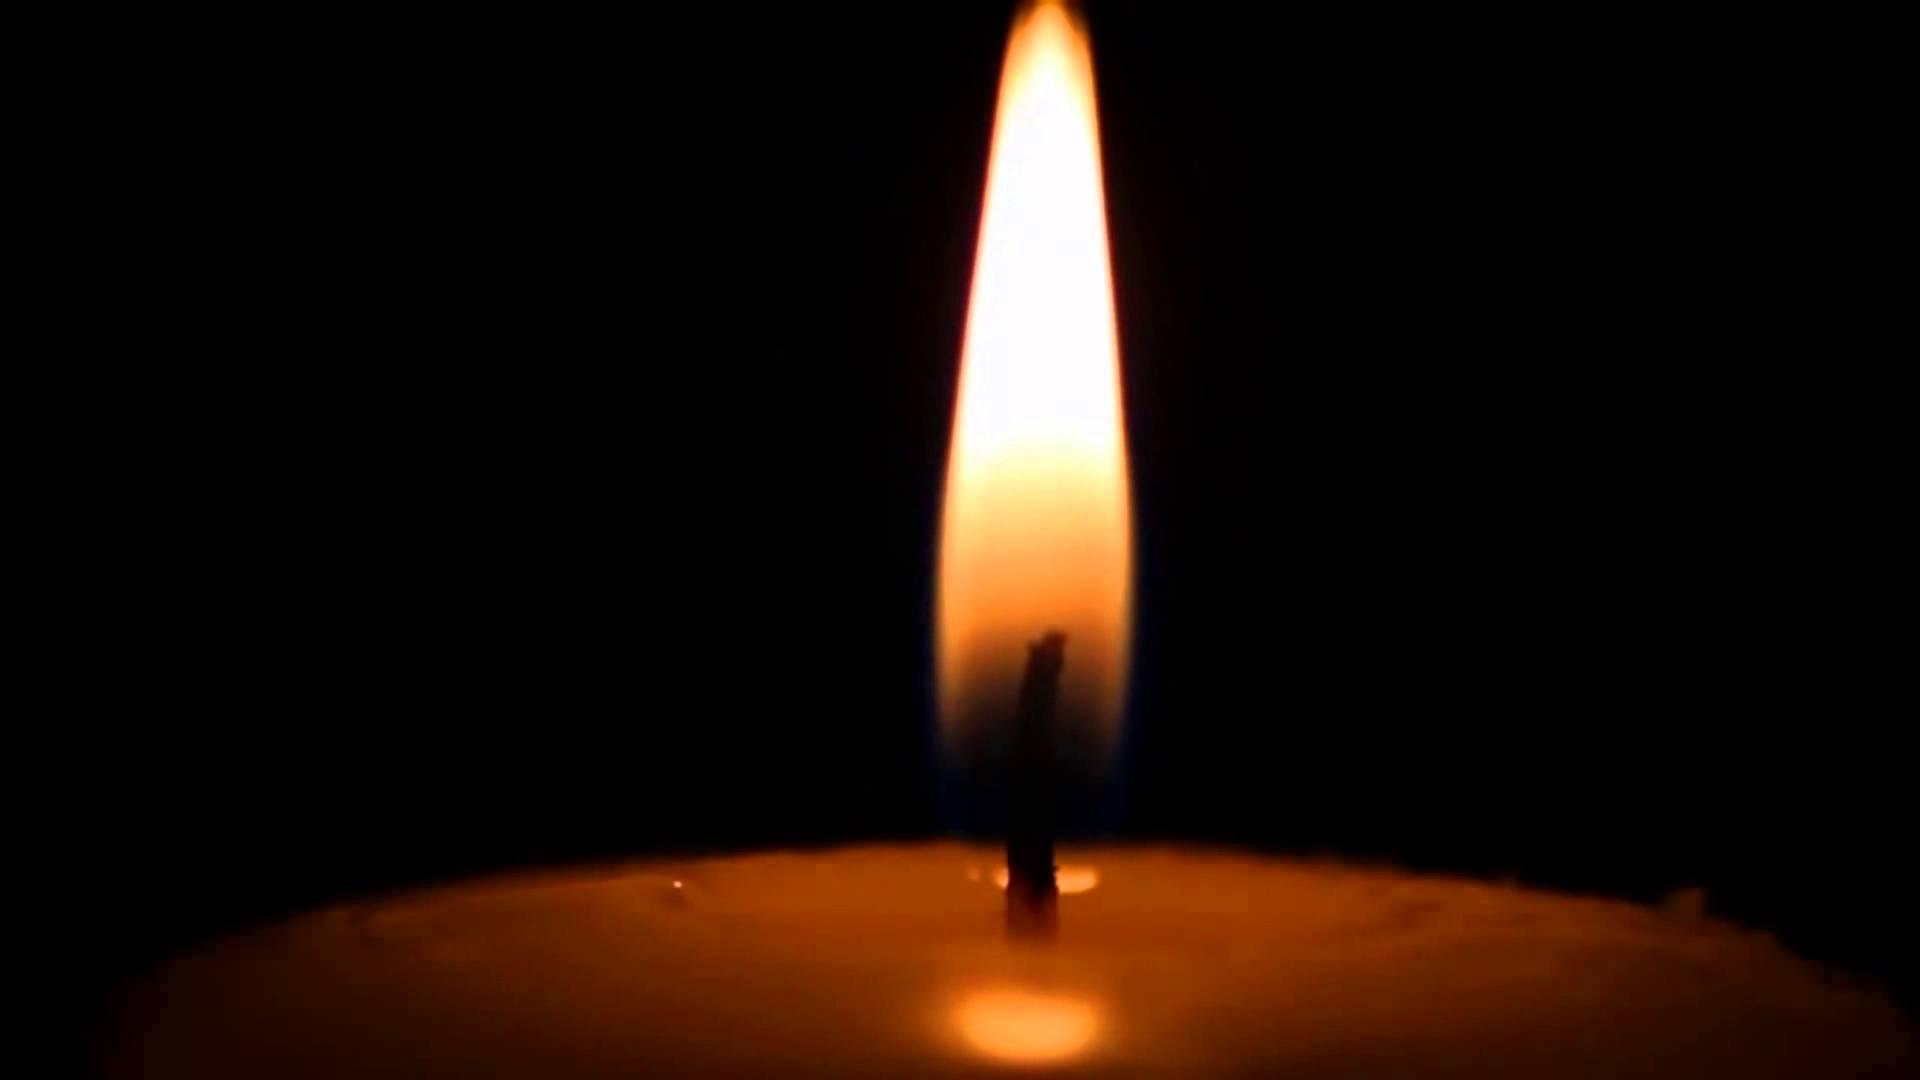 НаЛьвівщині знайшли мертвою зниклу напередодні 9-річну дівчинку